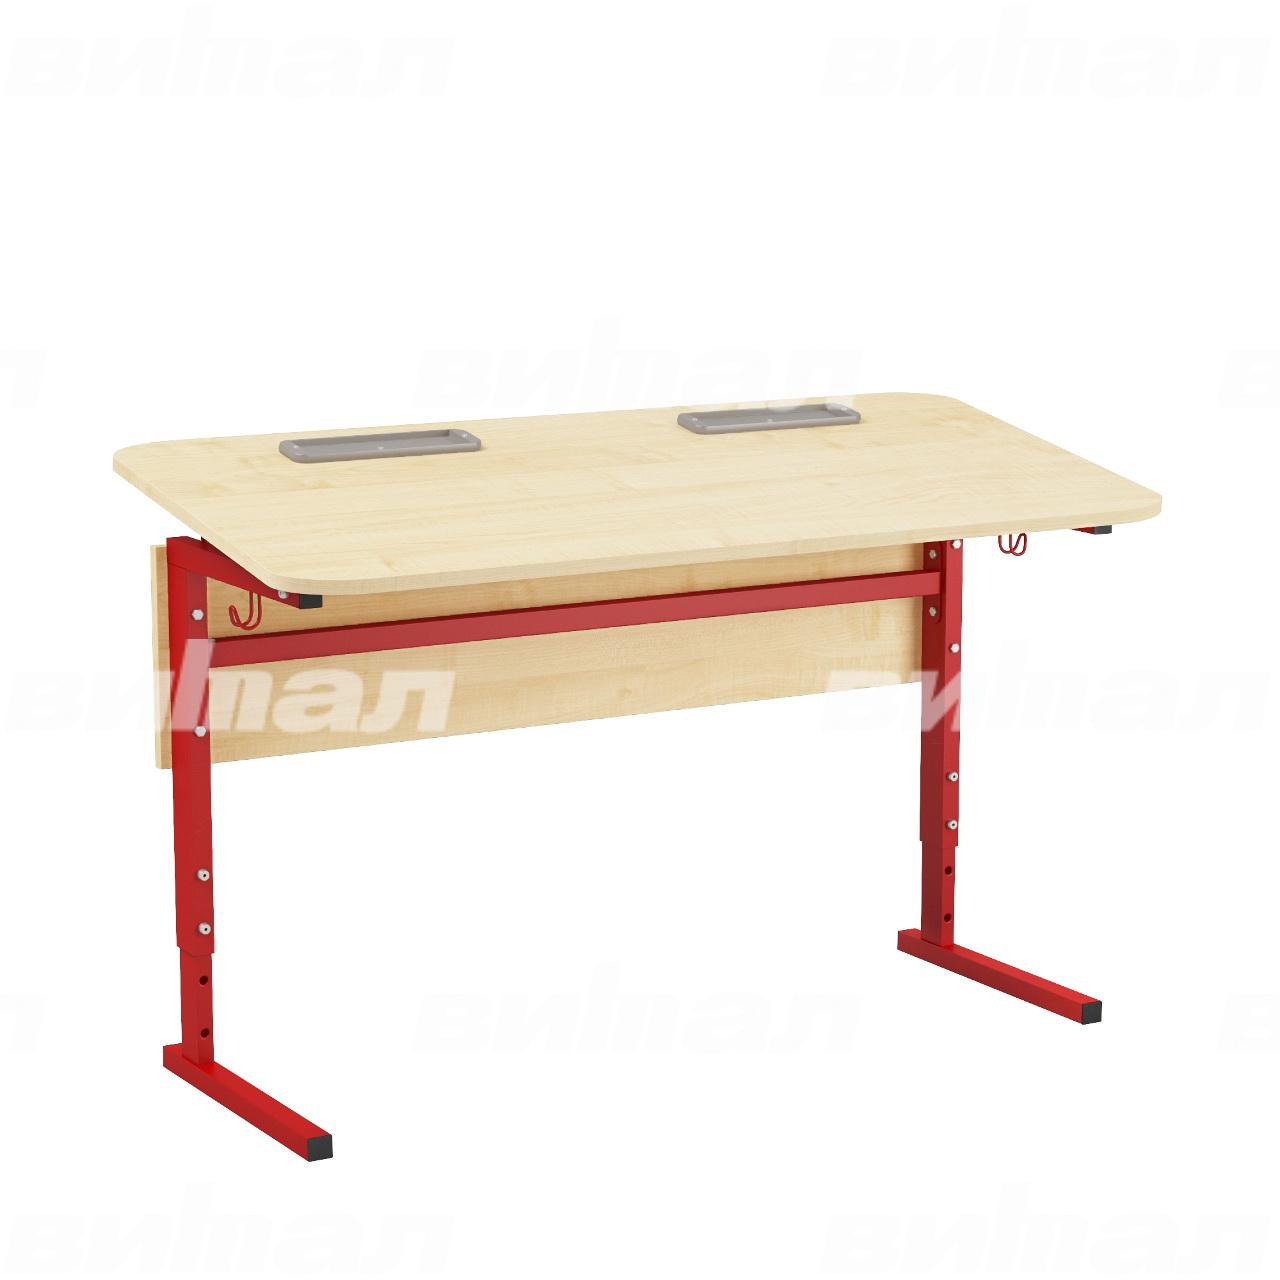 Стол 2-местный регулир. высота и наклон столешницы 0-10° (гр 2-4, 3-5 или 4-6) красный Клен 3-5 Меламин прямоугольная